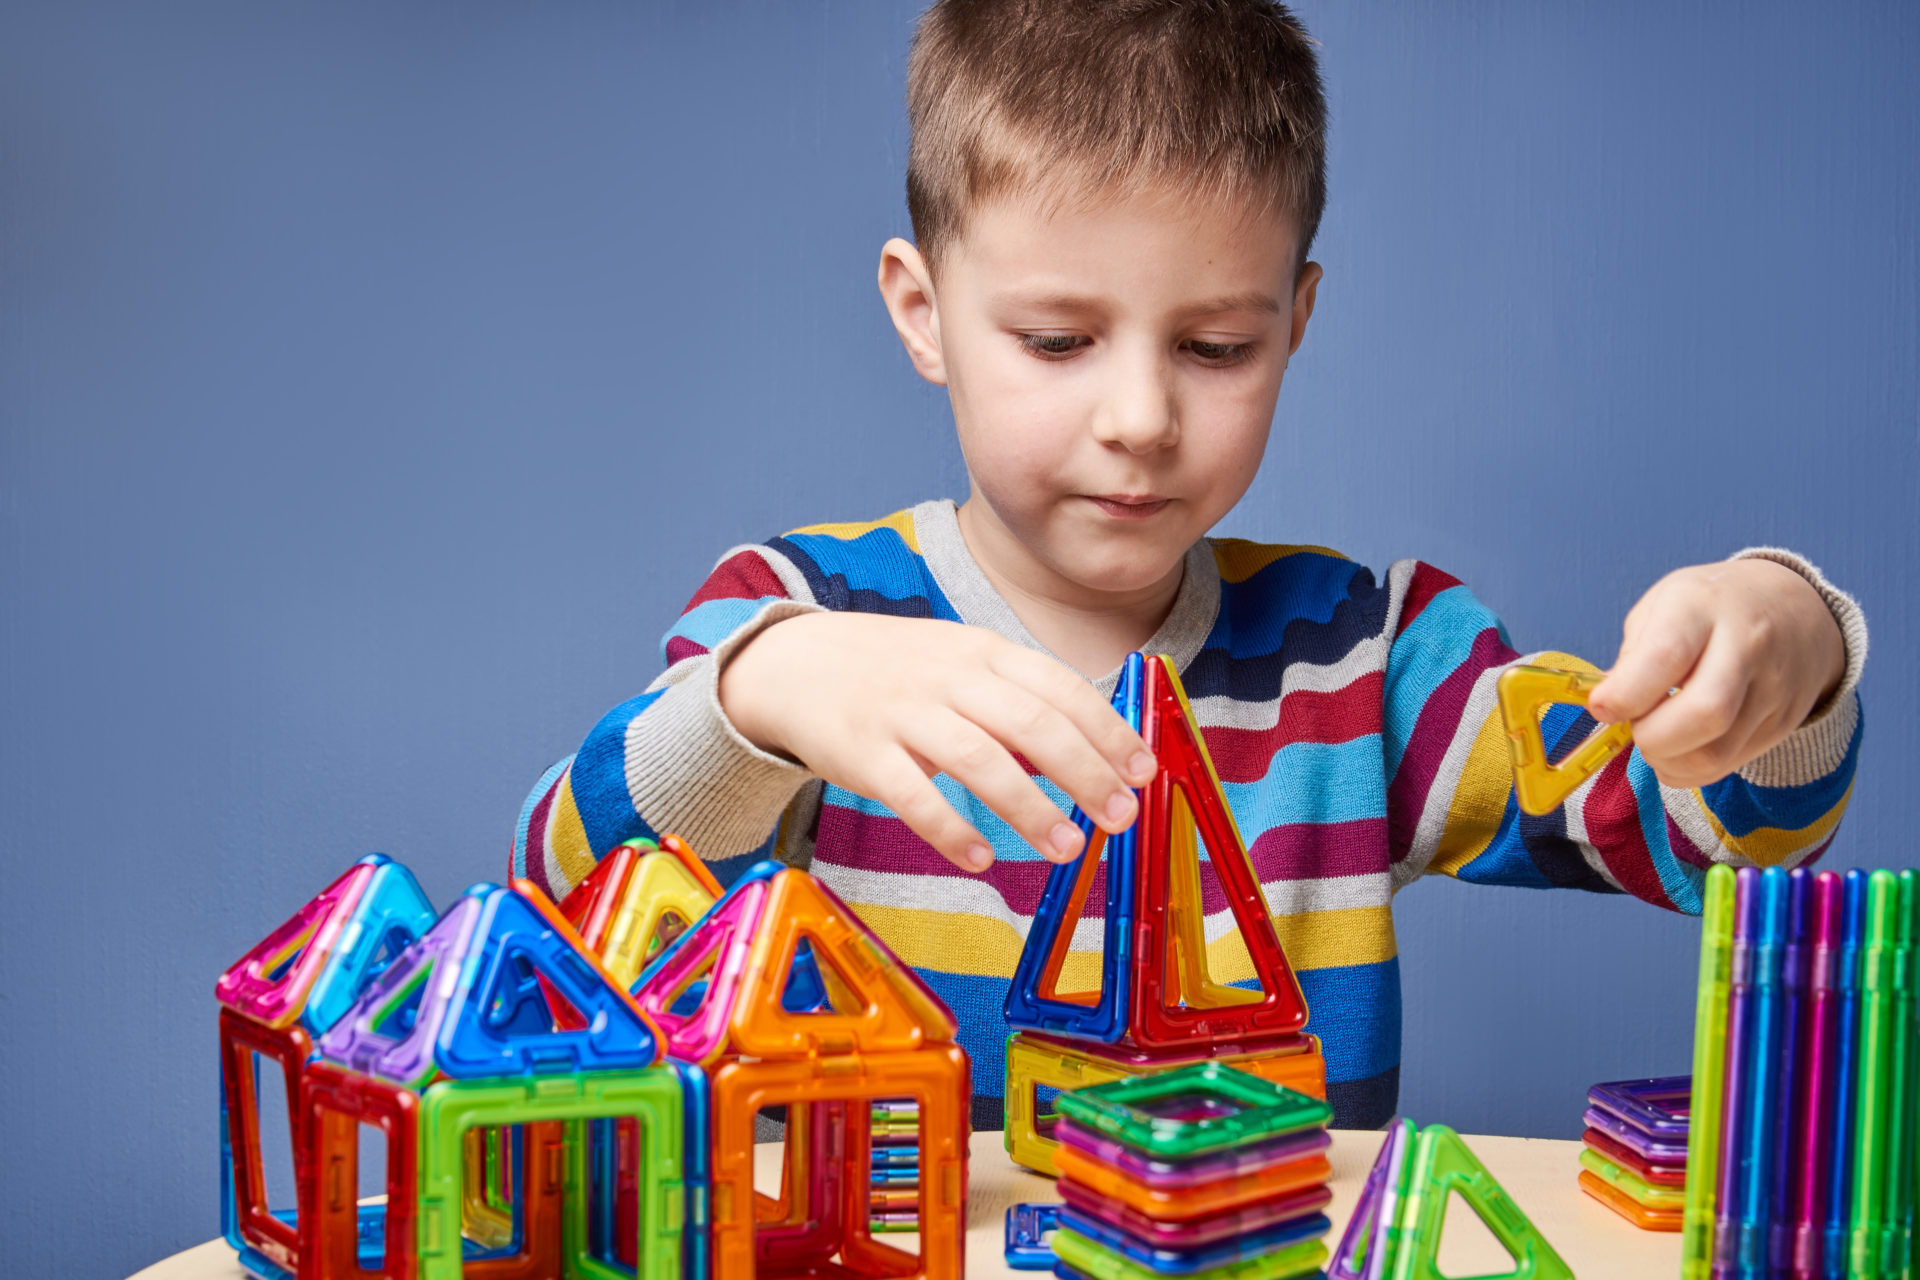 Idées Cadeau Anniversaire Garçon De 6 Ans, 7 Ans, 8 Ans, 9 intérieur Jeux Educatif 10 Ans